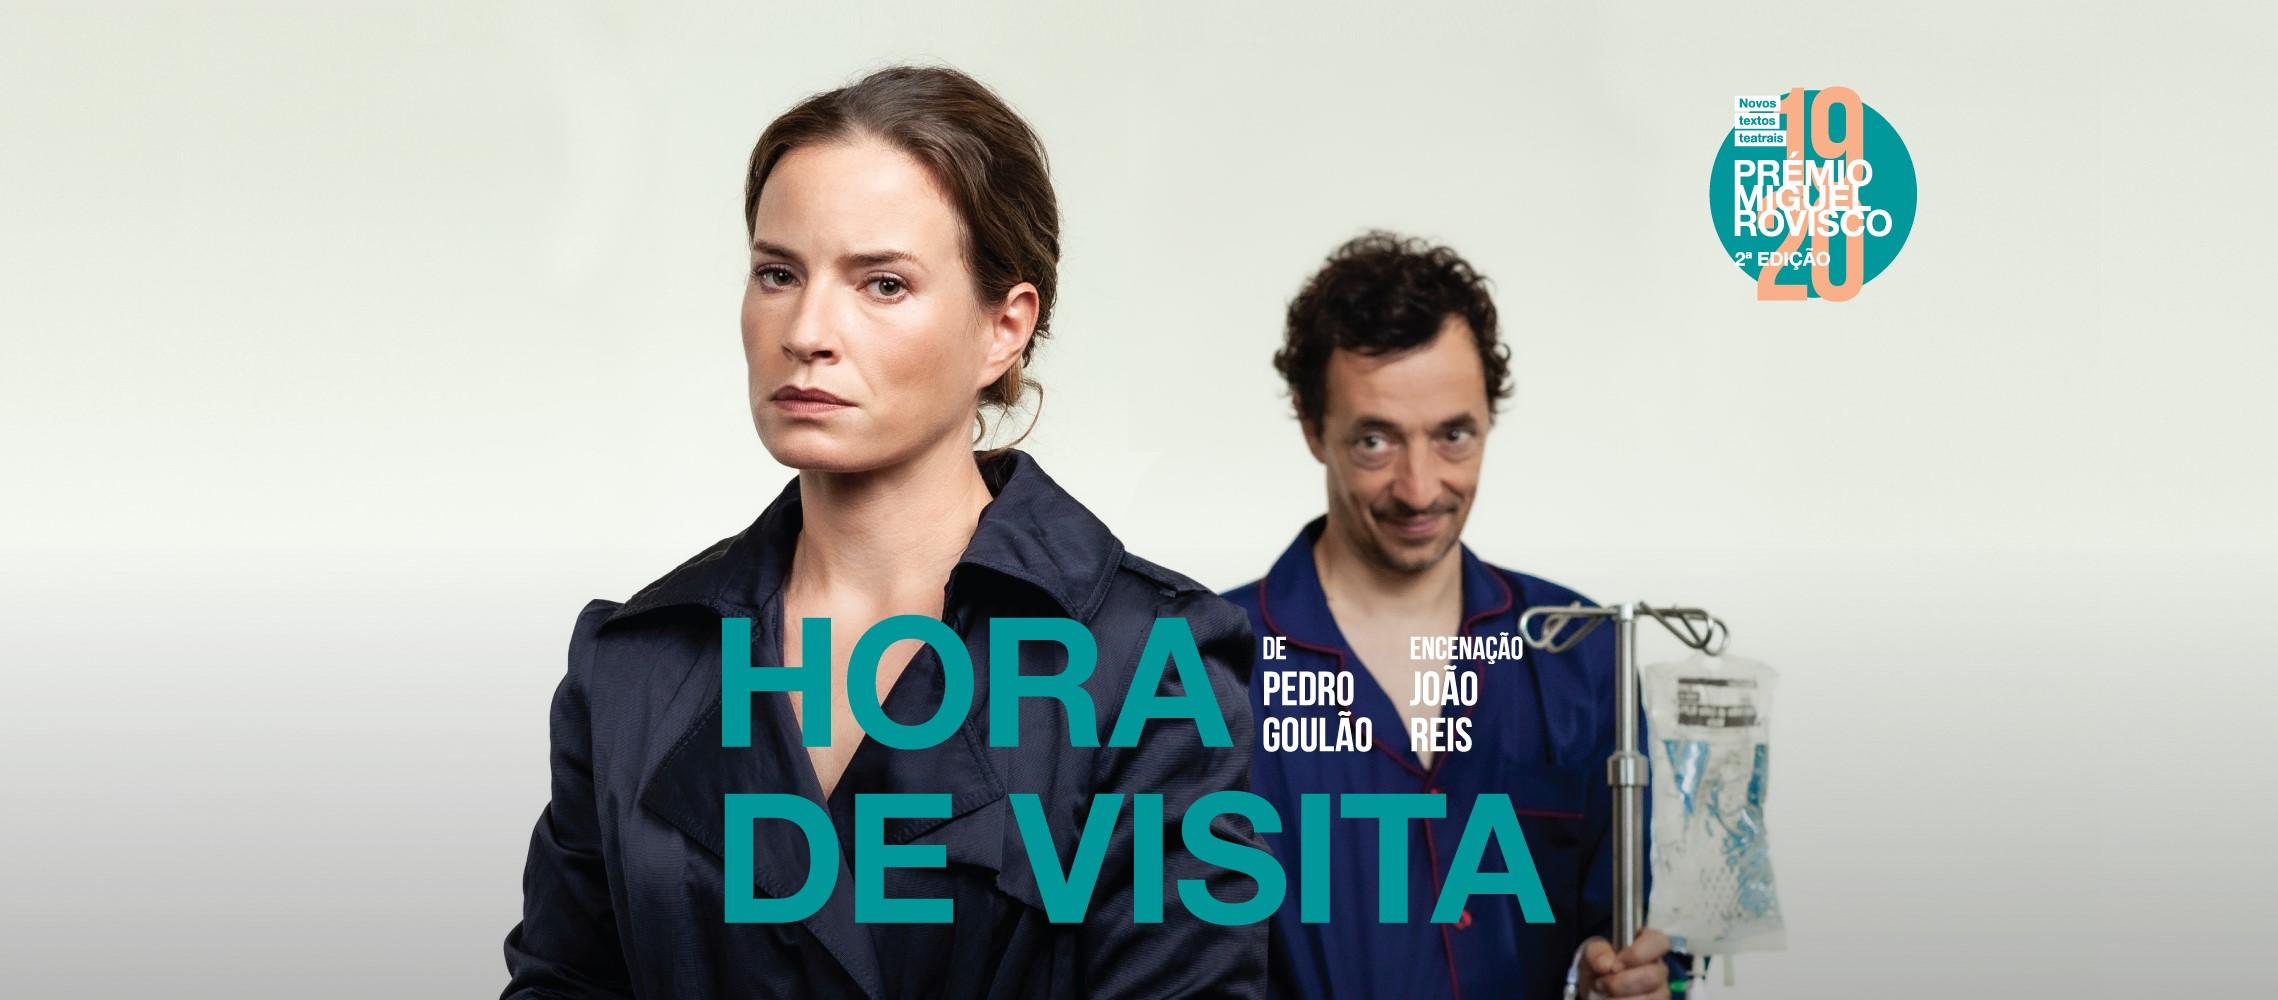 HORA DE VISITA